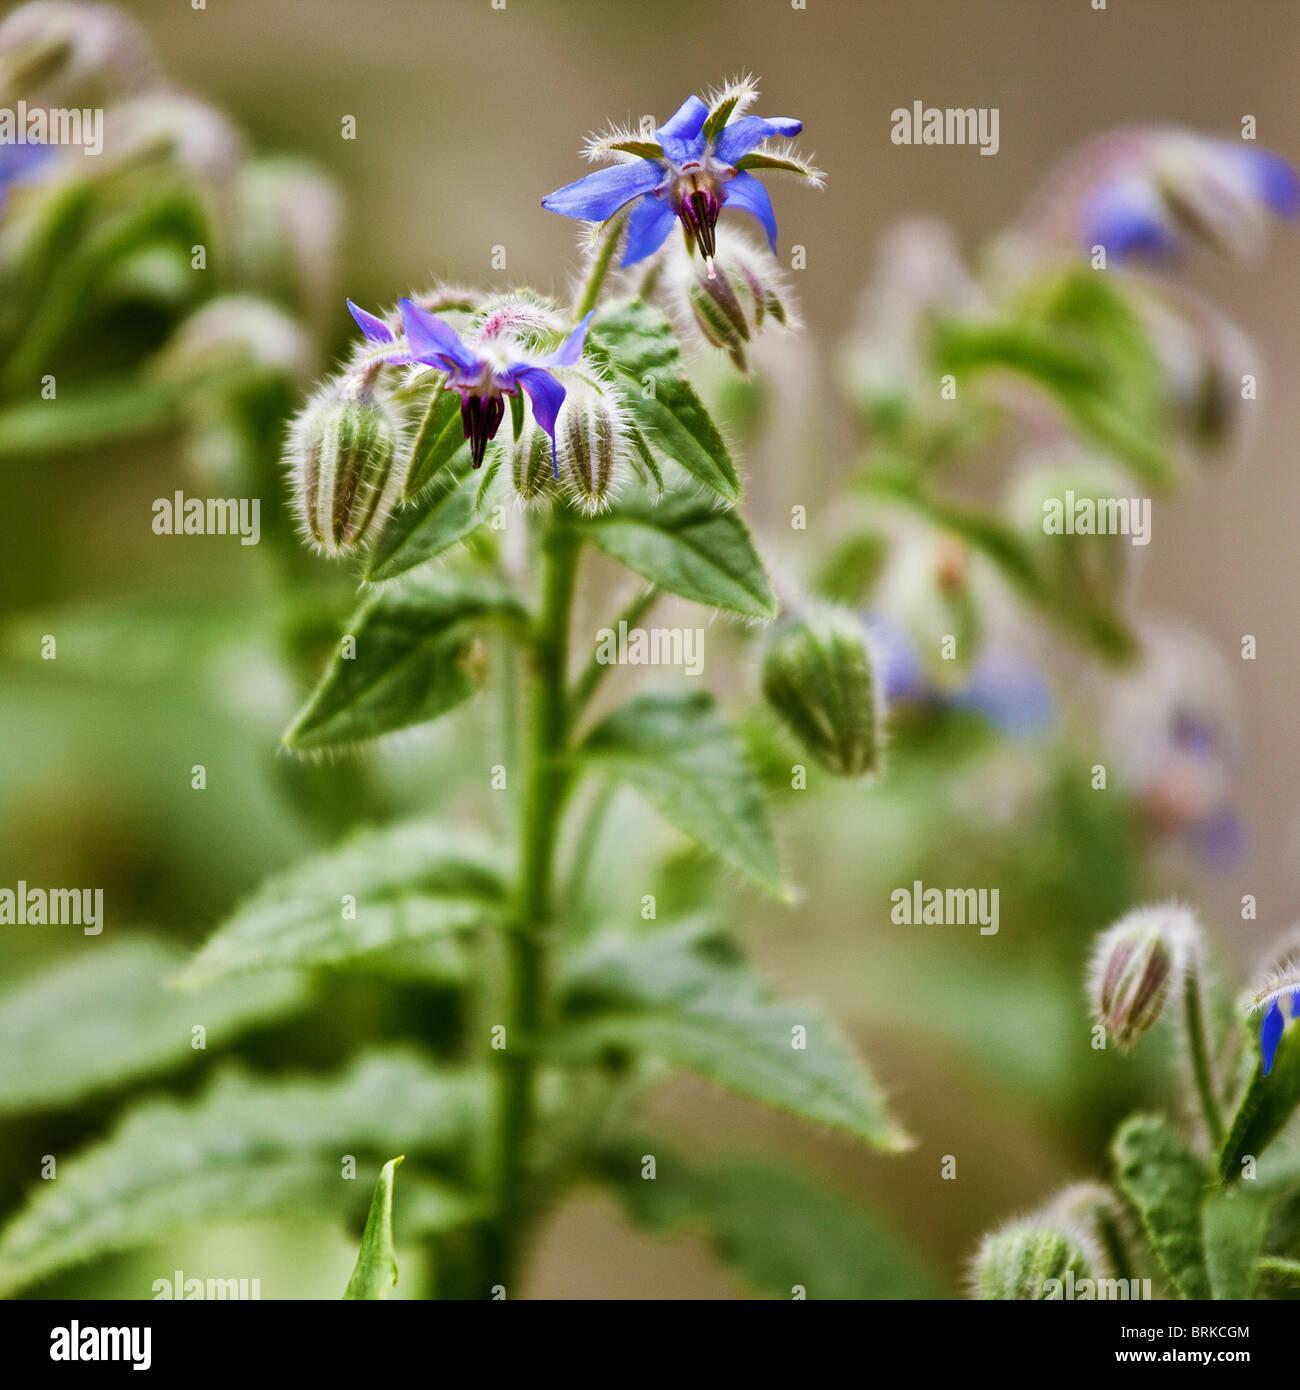 La bourrache aussi néant comme l'étoile fleur est une plante connue pour ses propriétés Photo Stock